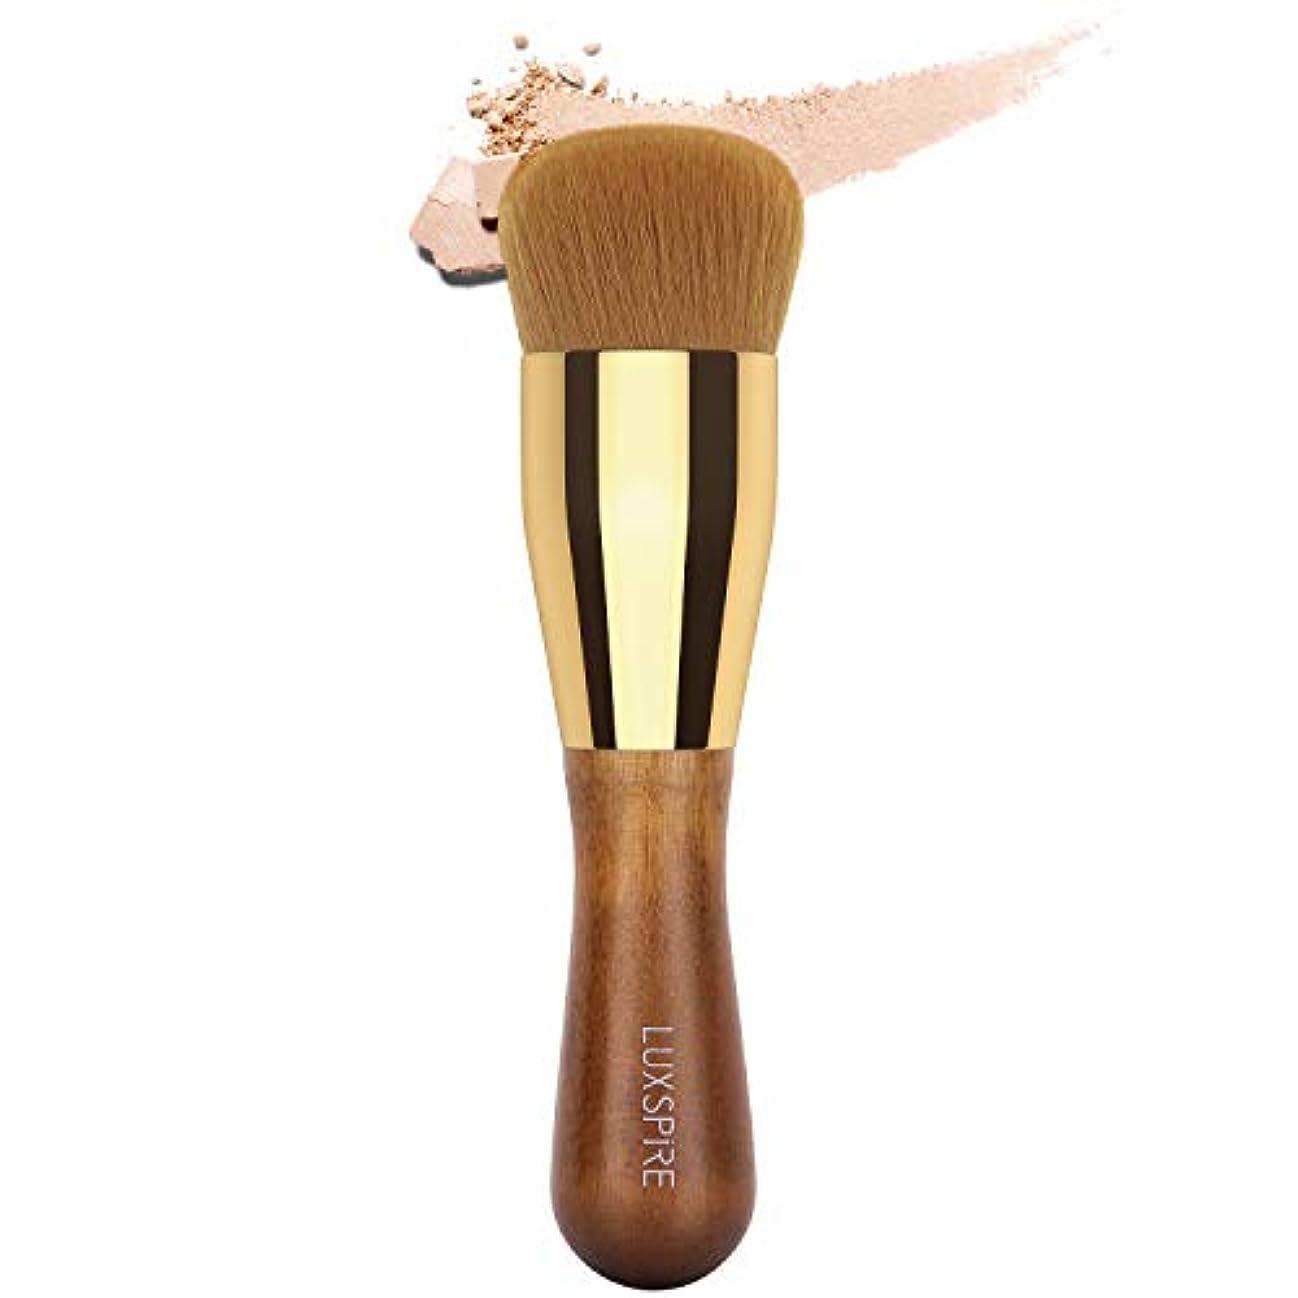 消毒するビヨン住人Luxspire メイクブラシ ファンデーションブラシ 化粧筆 木製ハンドル 繊維毛 旅行出張用 多機能 超柔らかい ふわふわ 肌色